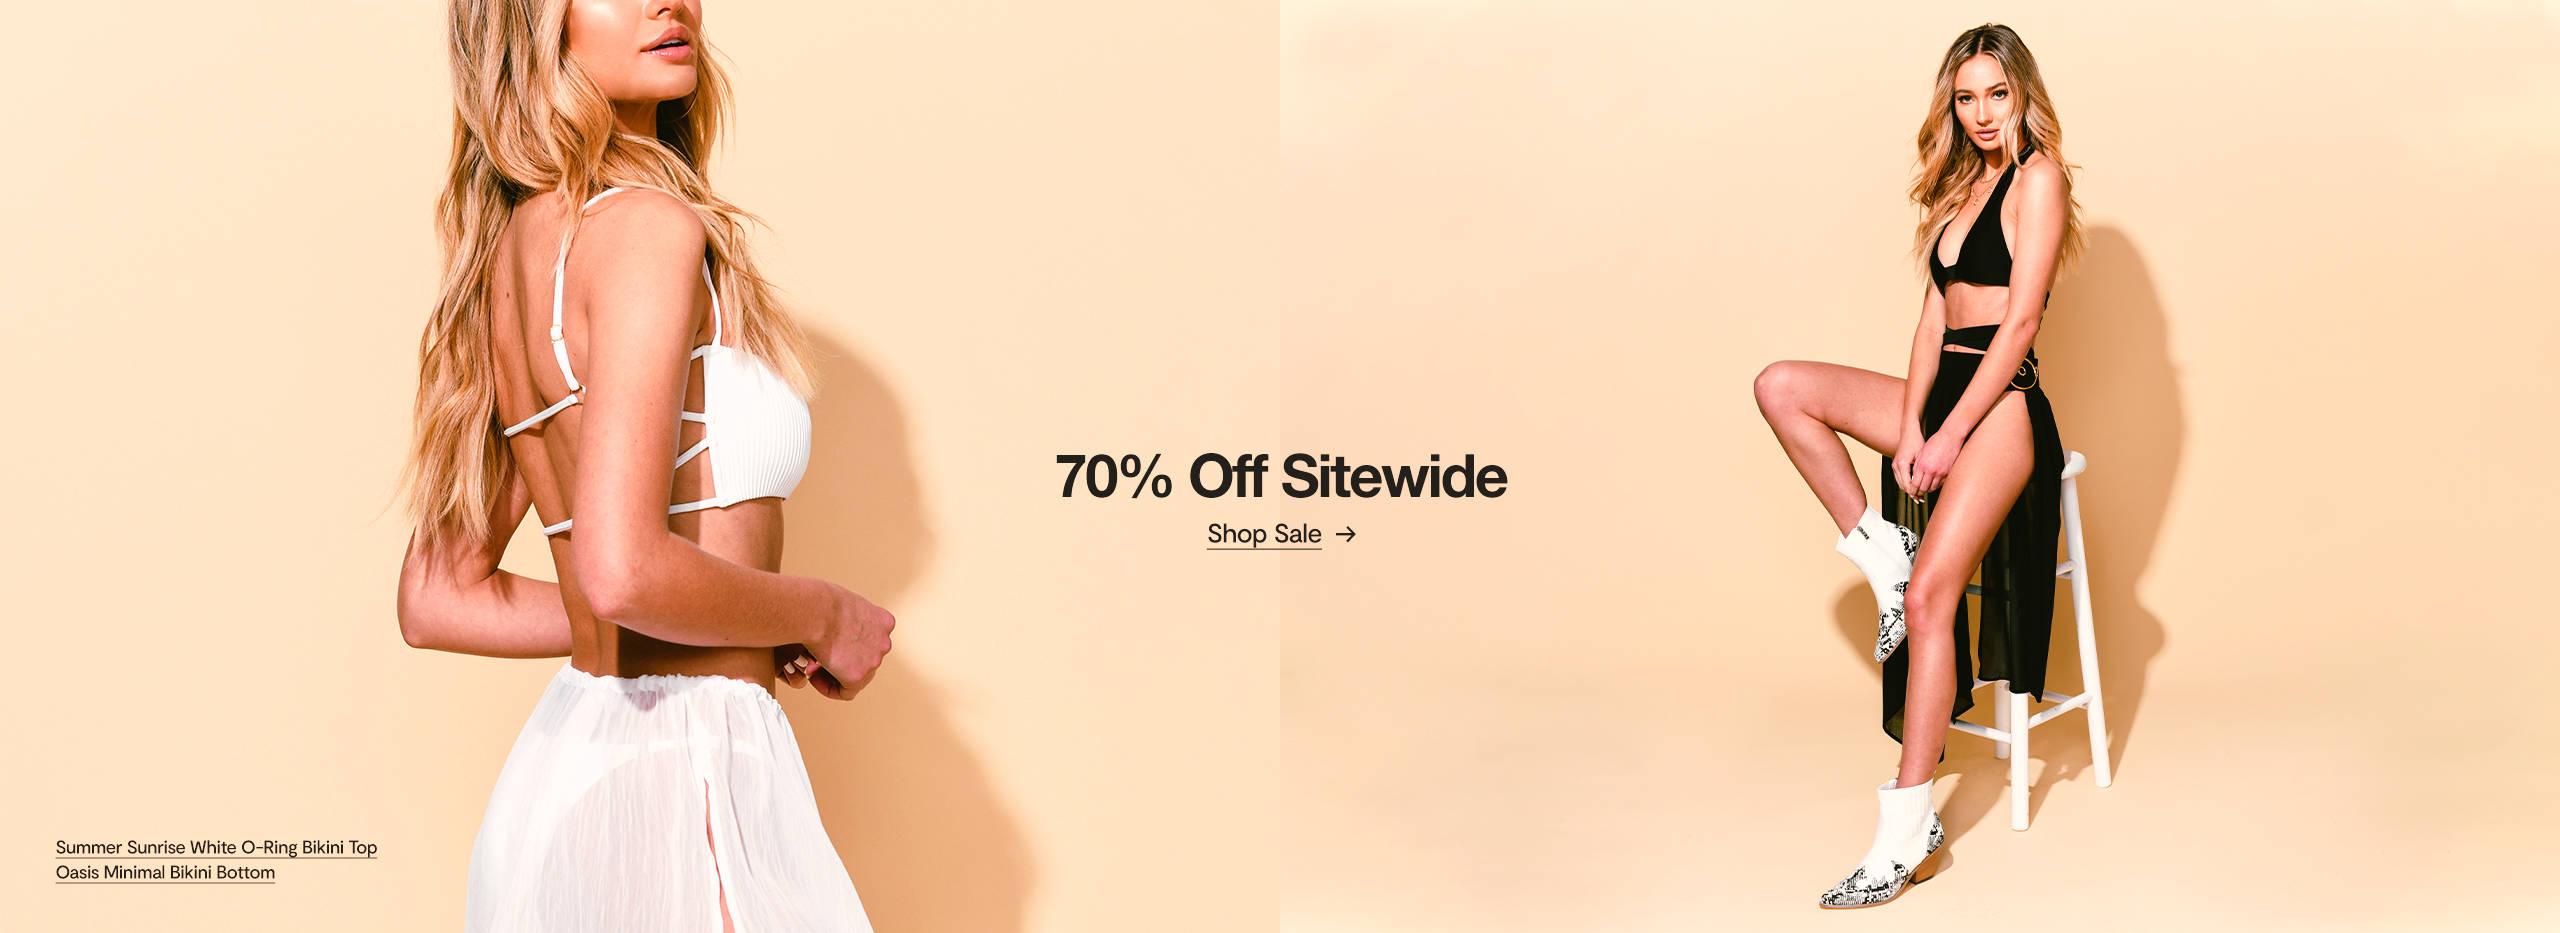 0f29b38167f Tobi - Online Shopping Website for Women